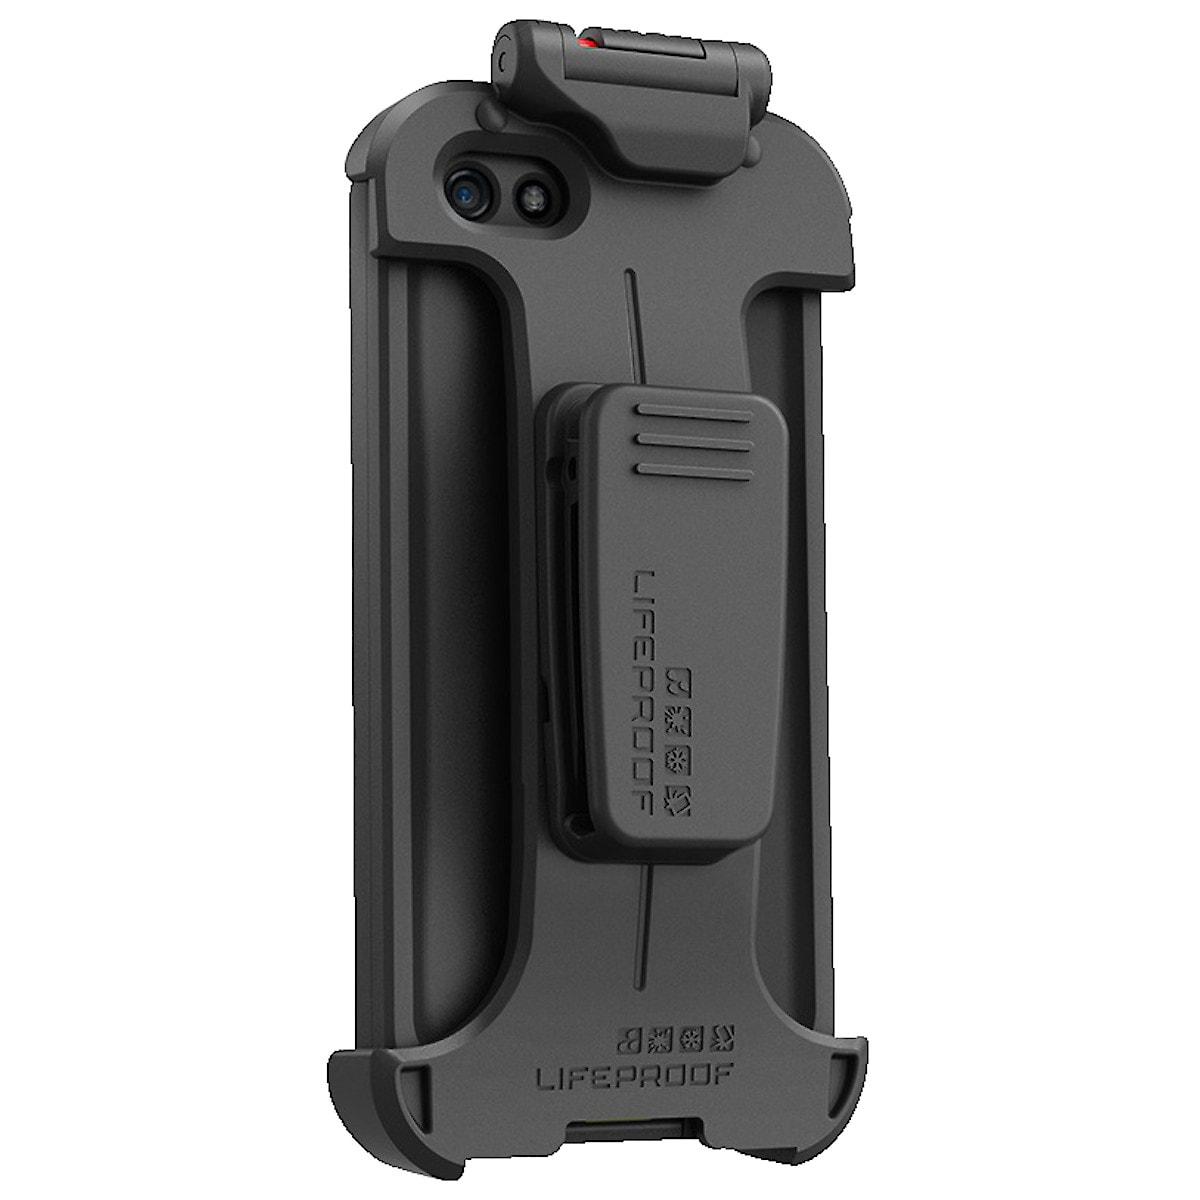 Lifeproof Belt Clip beltefeste for iPhone 5/5S